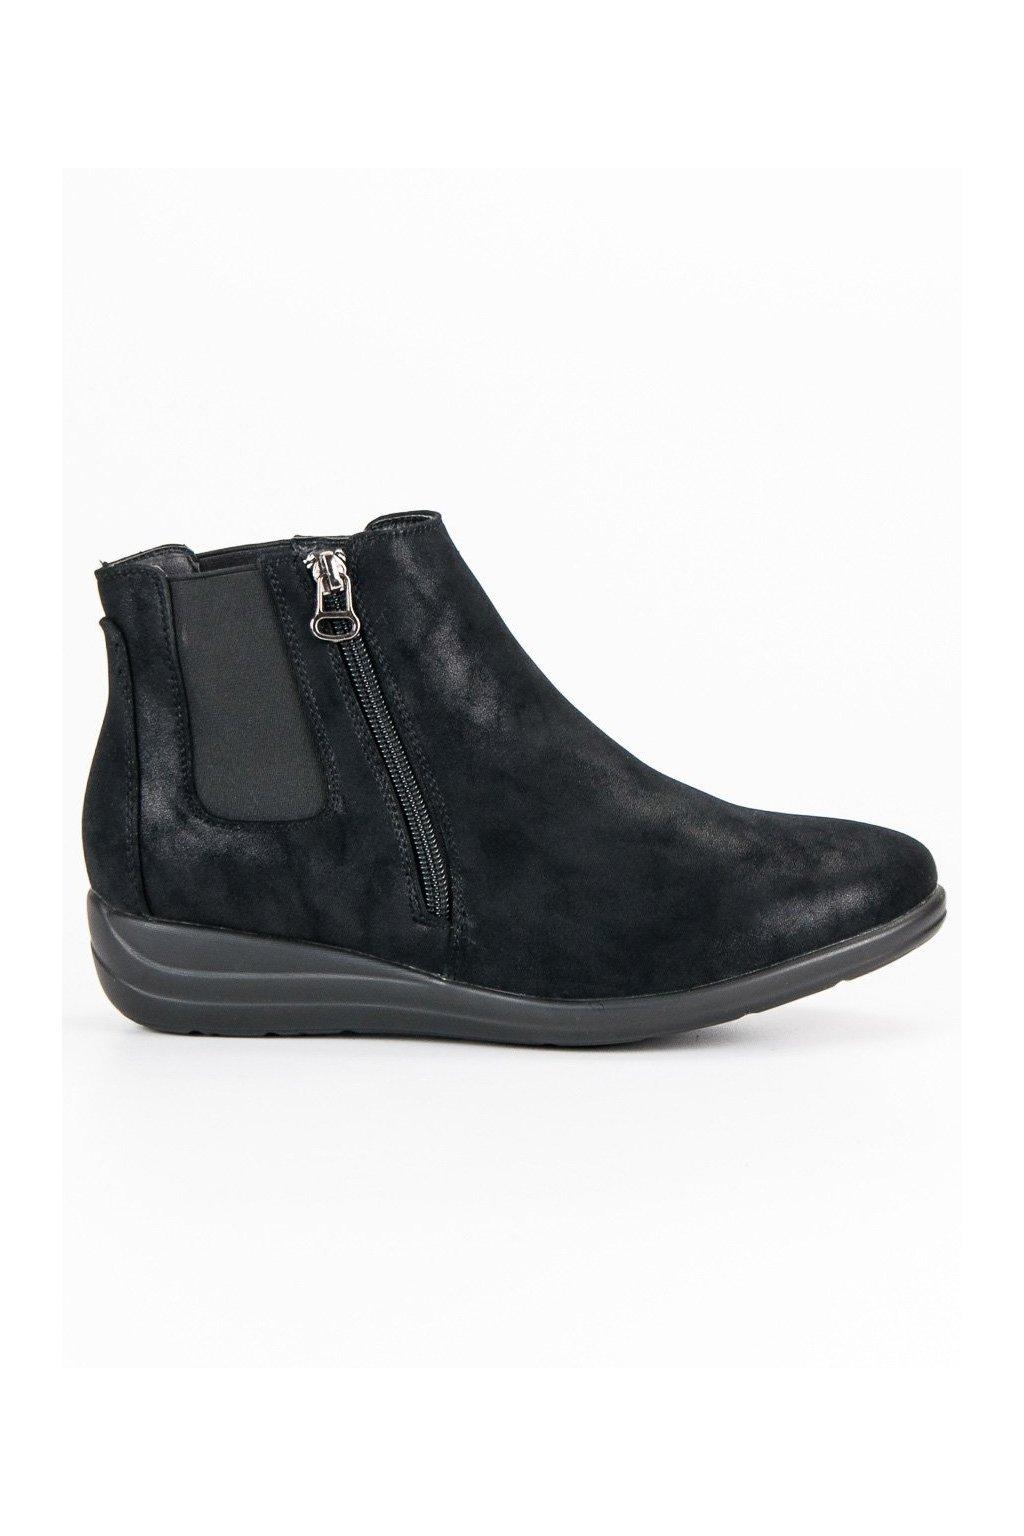 5eb54b1d5 Hnedé topánky s mašľou SDS